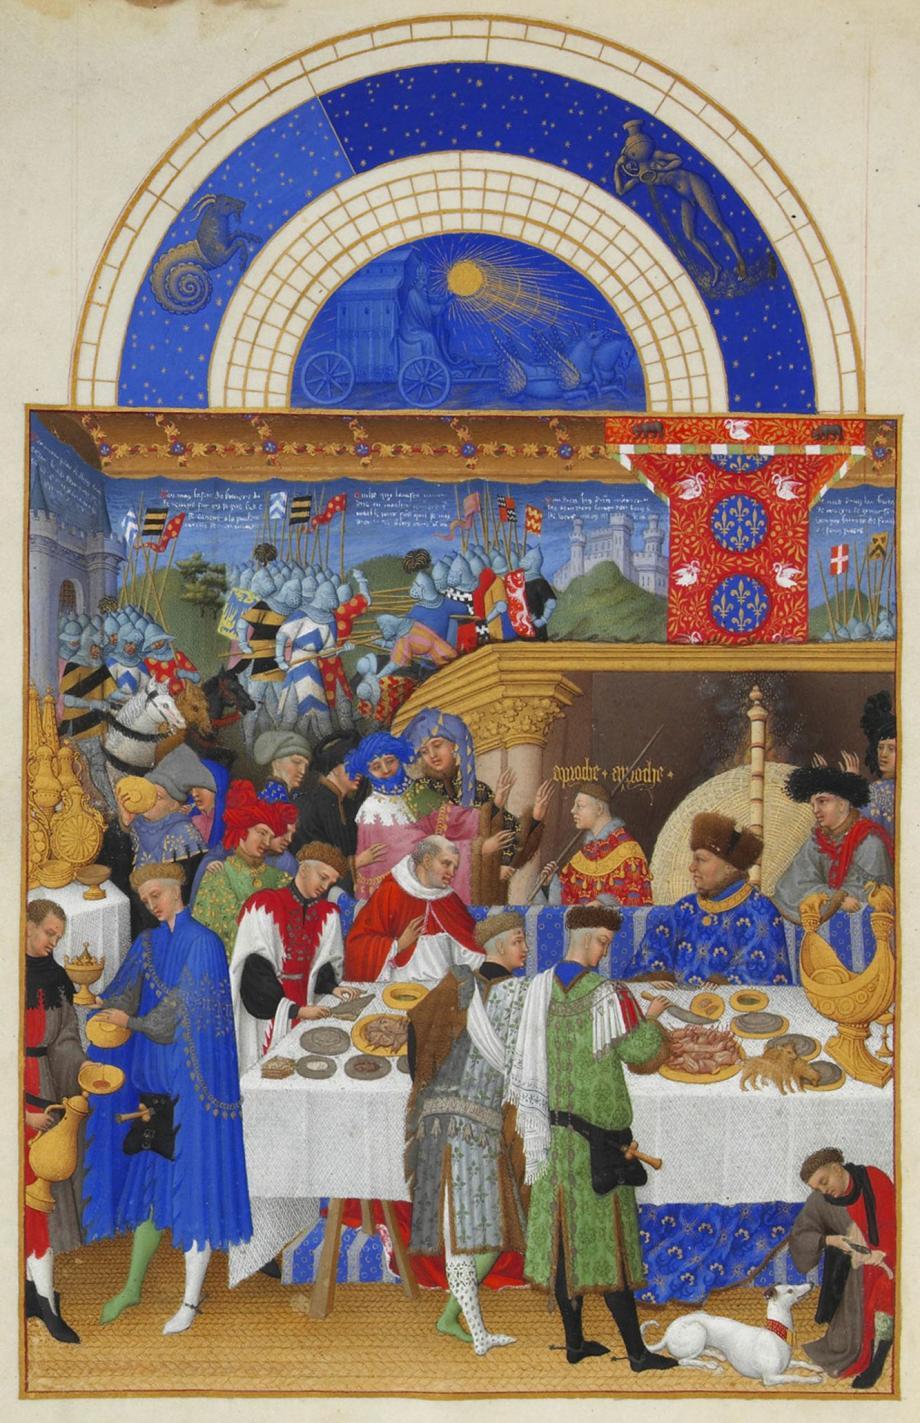 Les Très Riches Heures du duc de Berry', kalenderminiatuur, januari (musée Condé, Chantilly, Frankrijk).